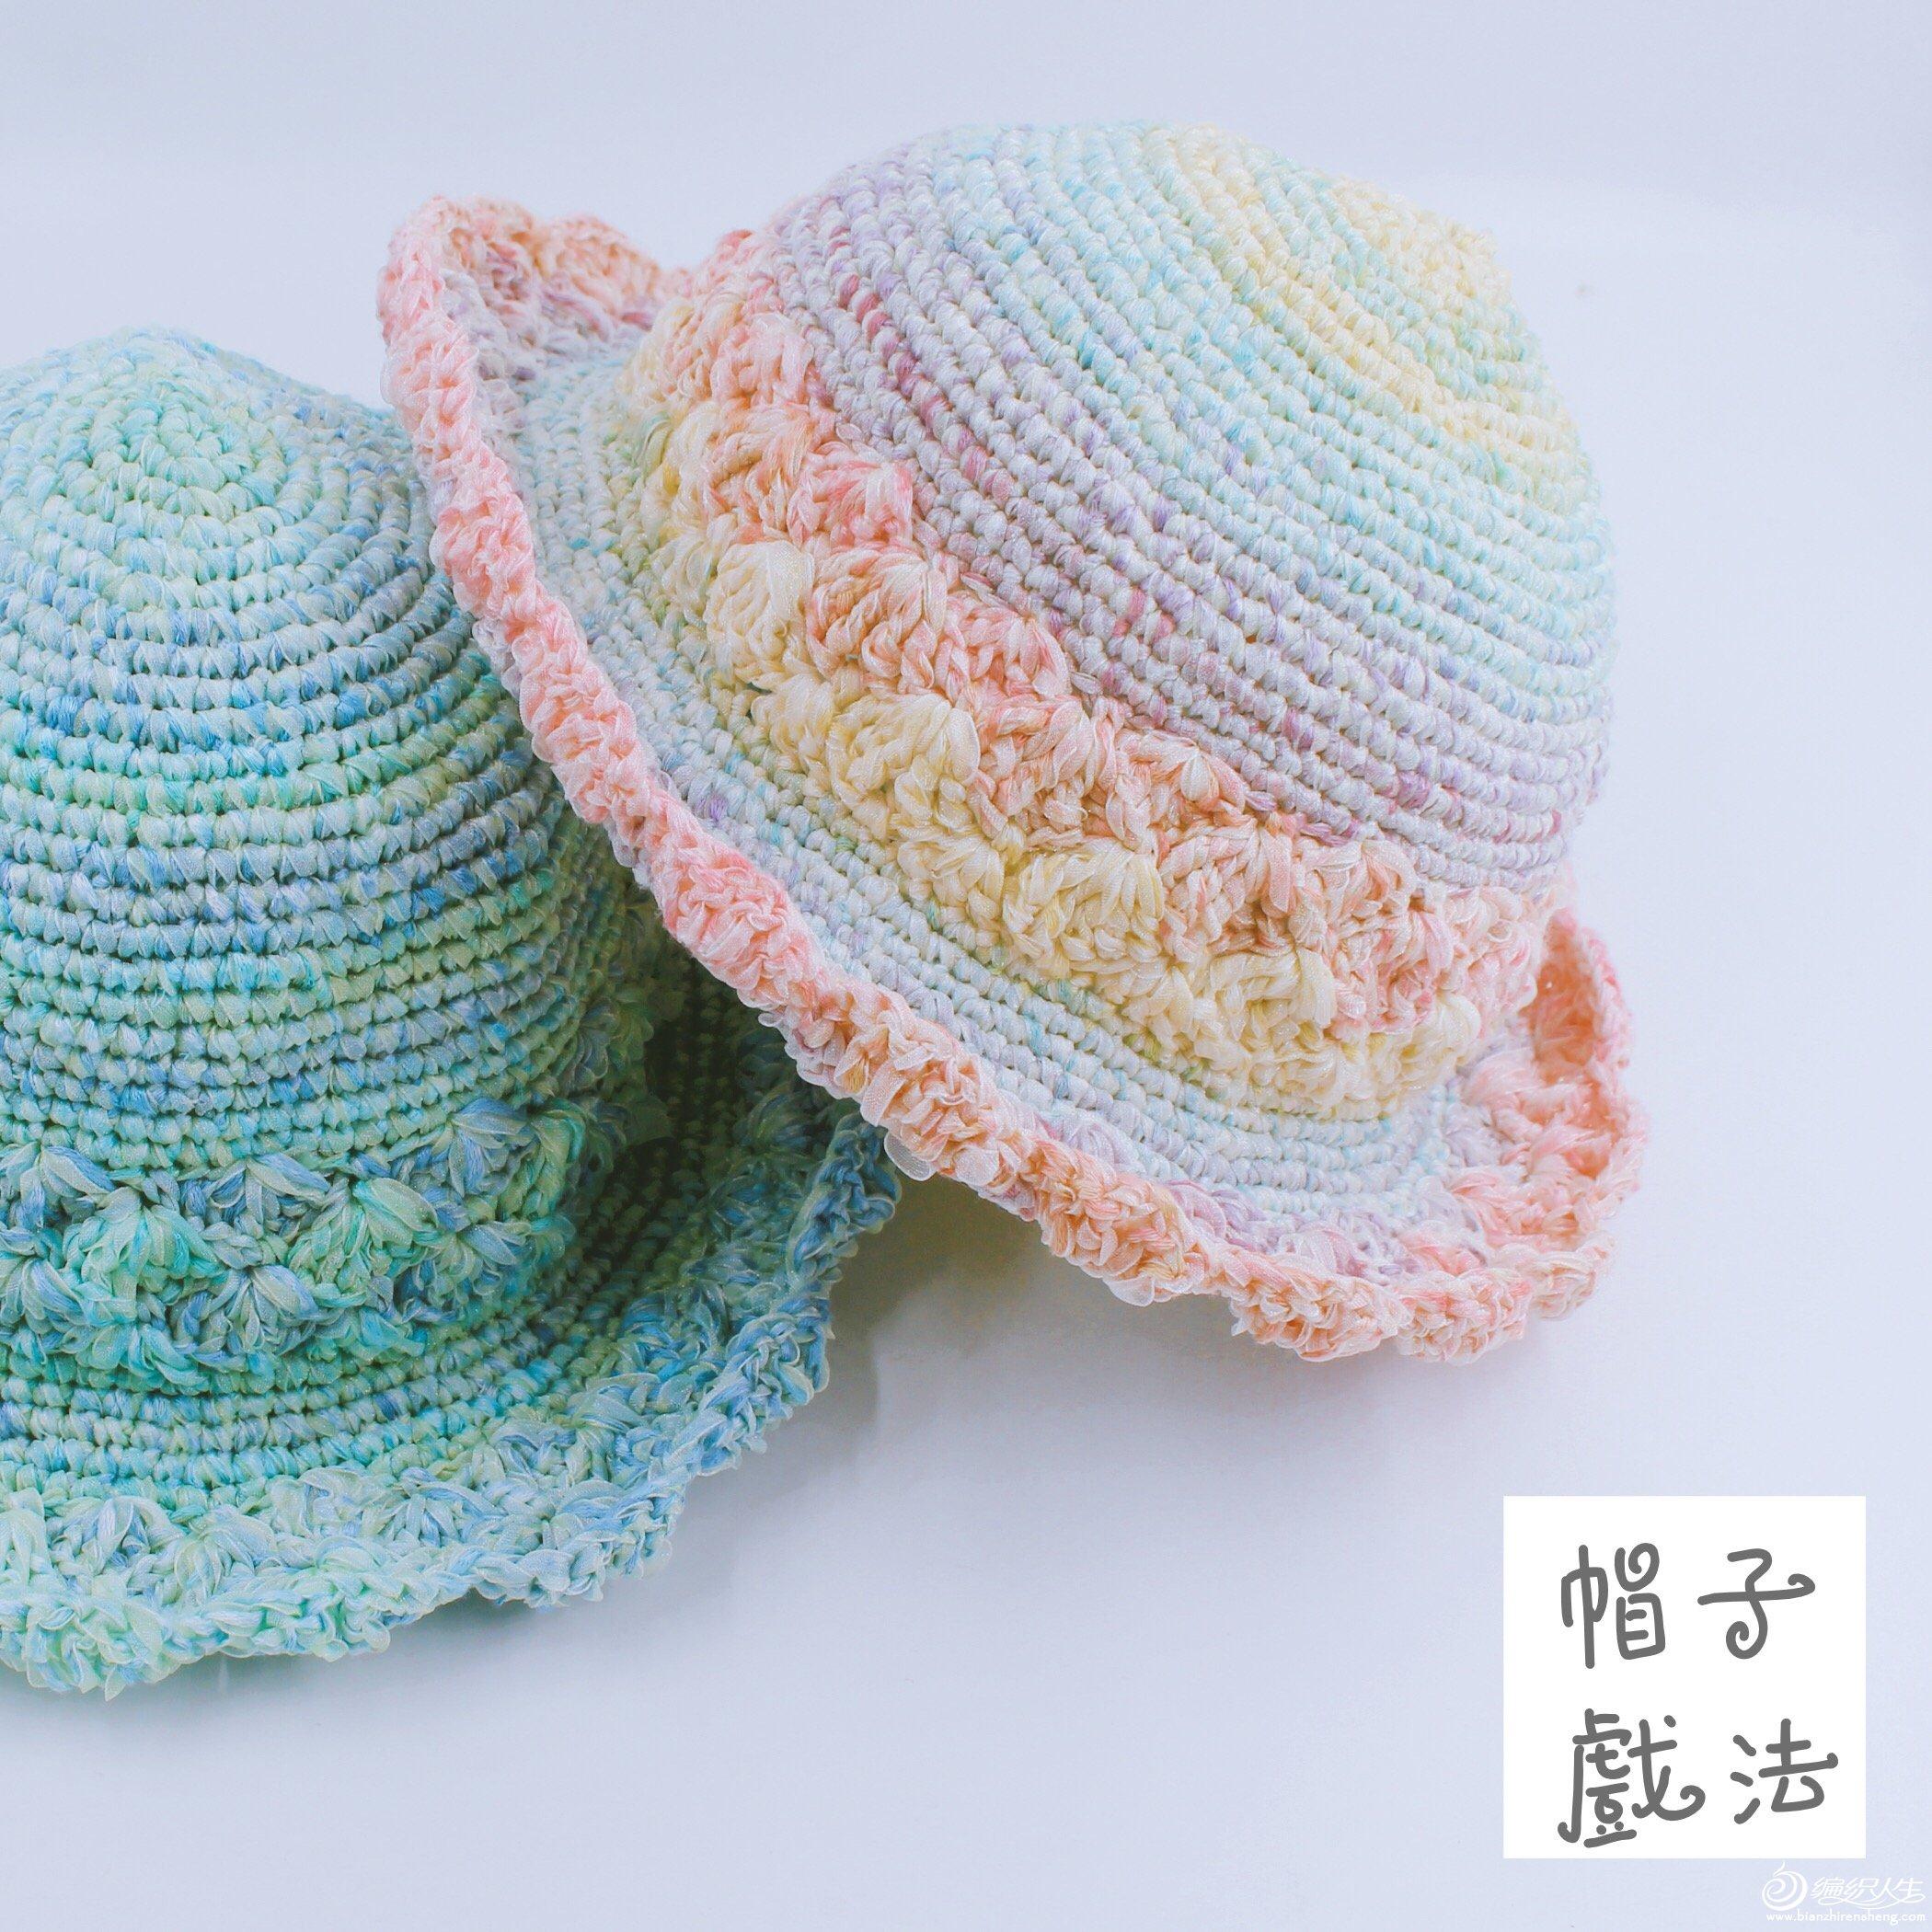 特色彩虹钩针帽子